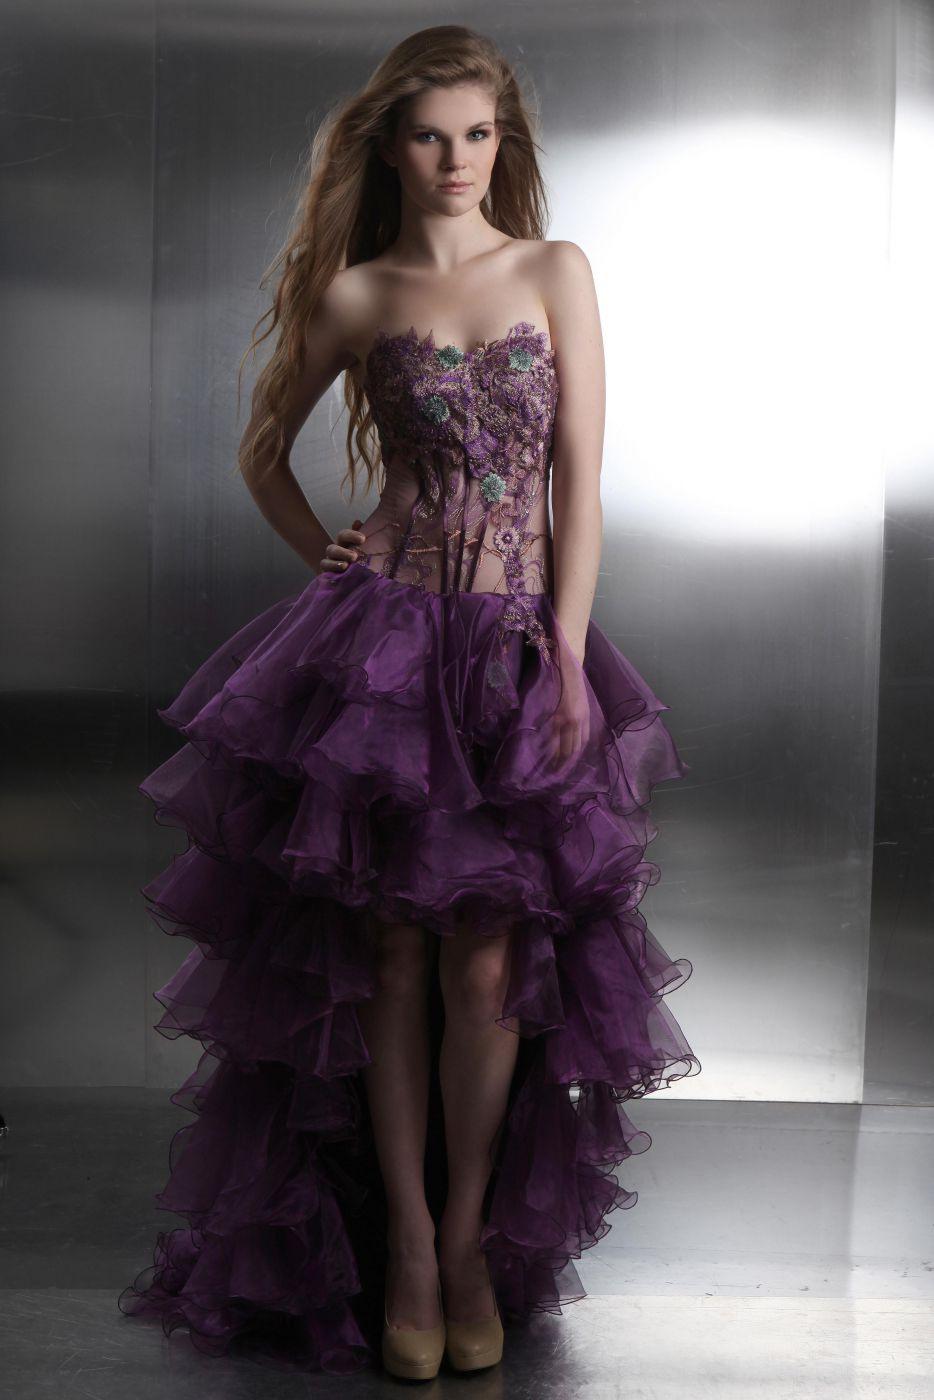 13 Leicht Schöne Kleider Bestellen Vertrieb13 Fantastisch Schöne Kleider Bestellen Galerie